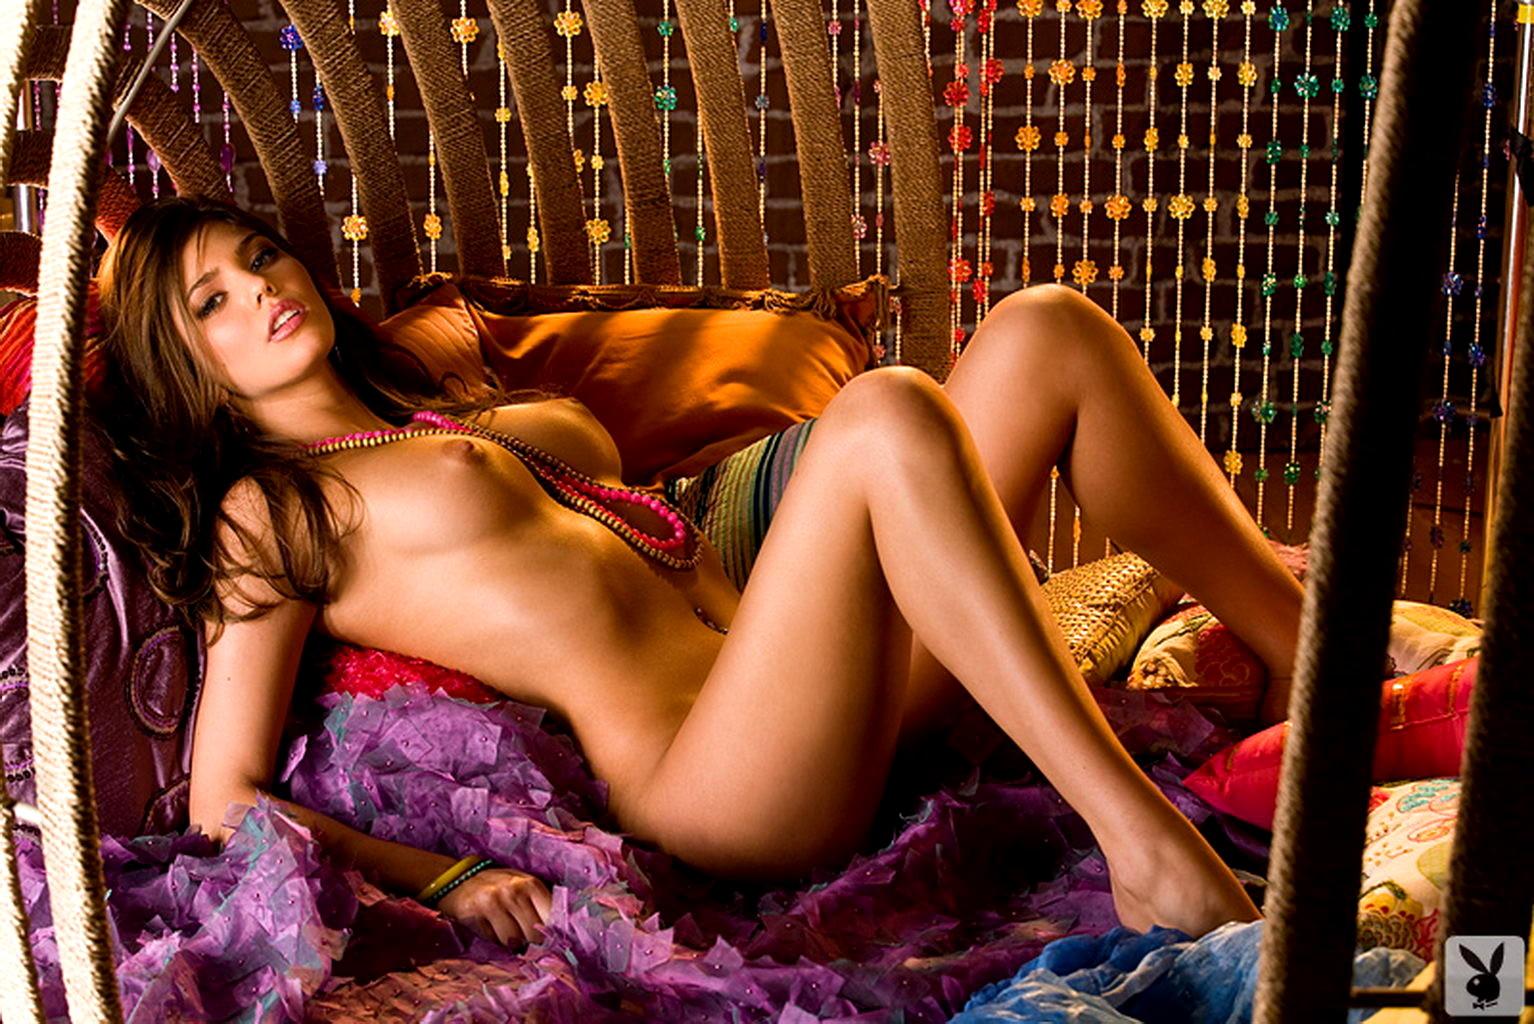 Секс плэй бой, Playboy Plus » Порно видео ролики смотреть онлайн 26 фотография